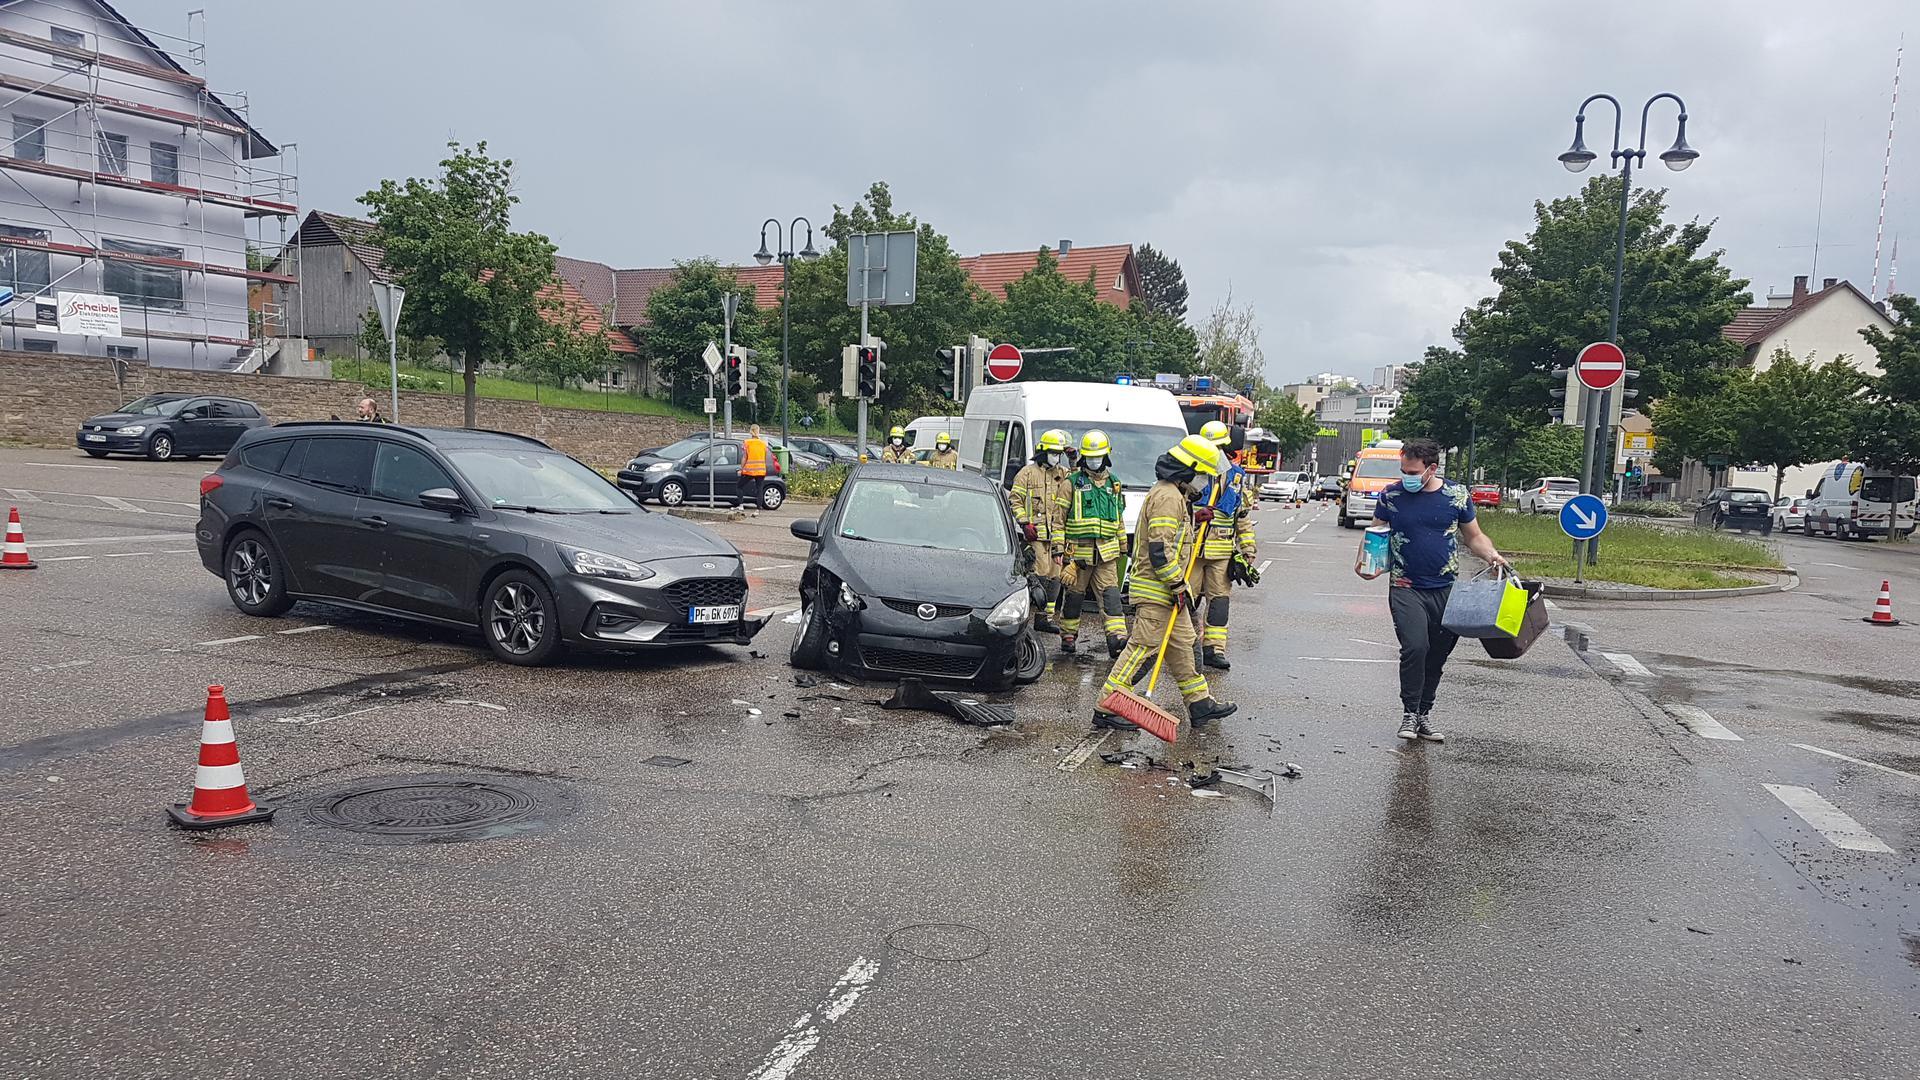 Zwei demolierte Autos und Feuerwehr auf einer Kreuzung